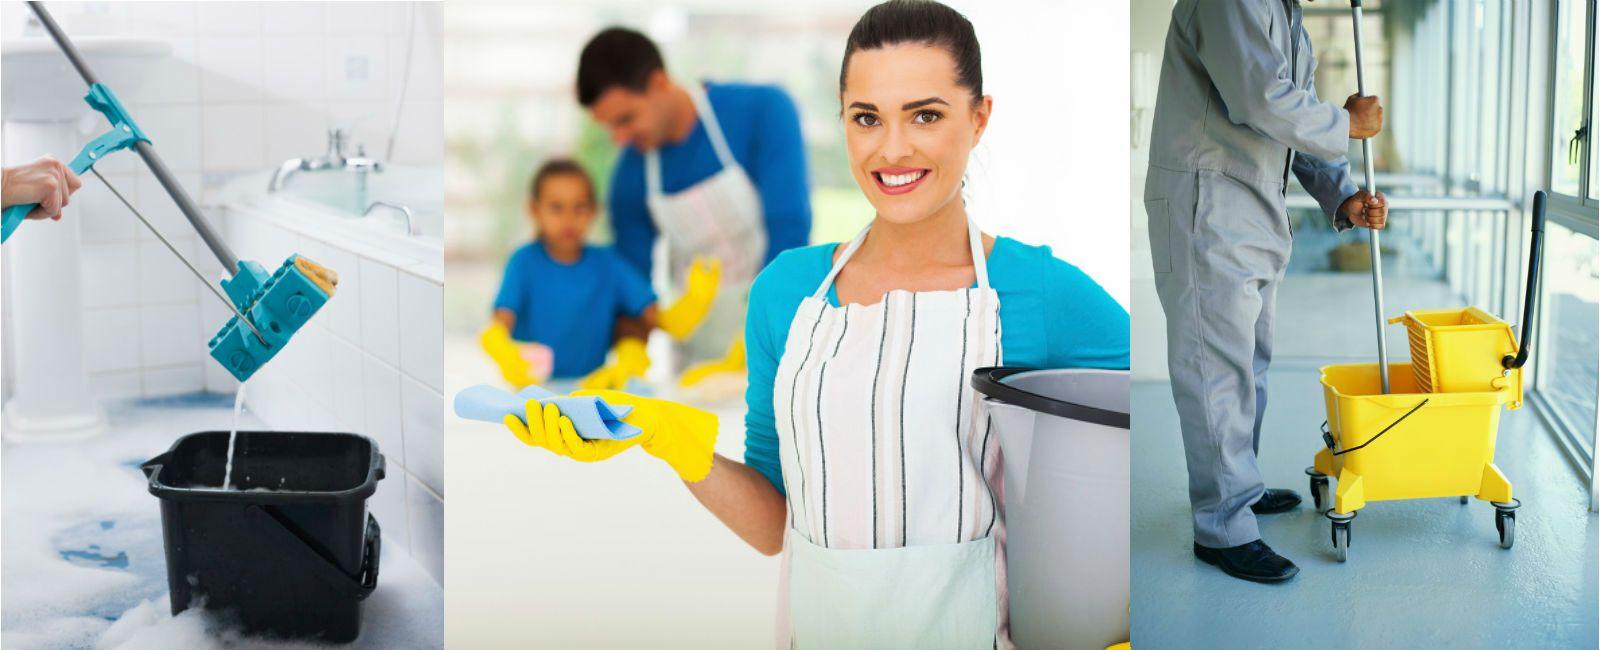 شركة تنظيف بالرياض 0532000272